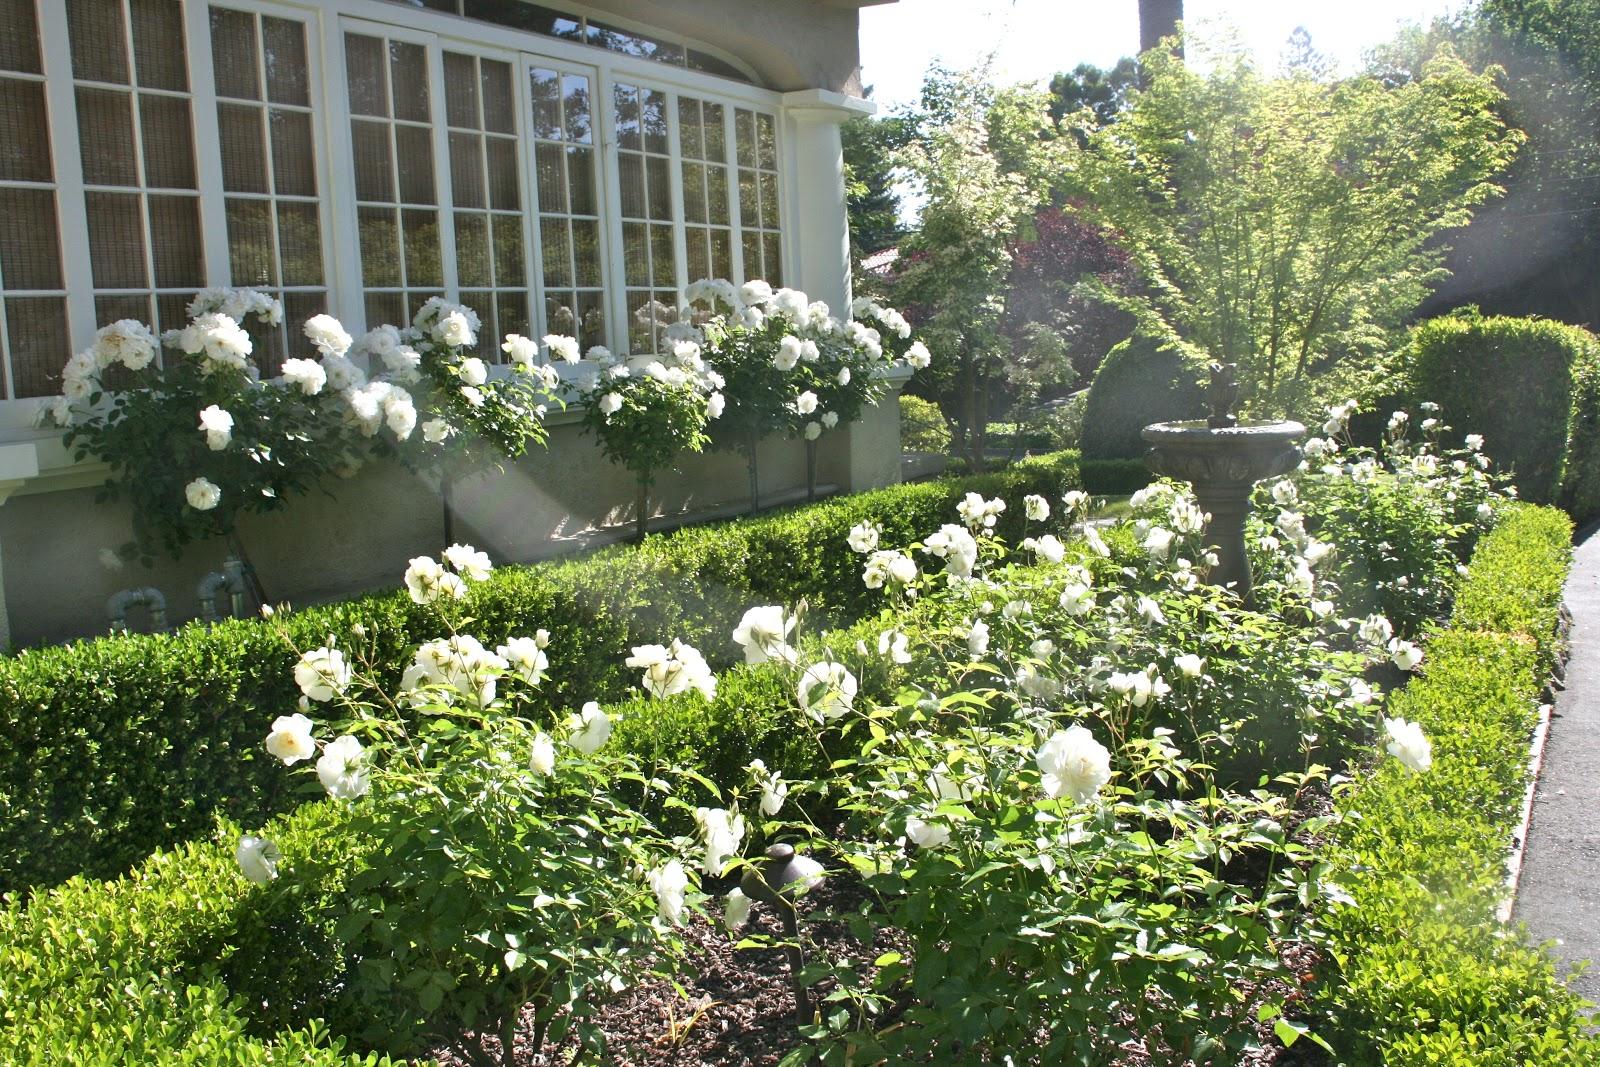 vignette design everything 39 s coming up roses. Black Bedroom Furniture Sets. Home Design Ideas